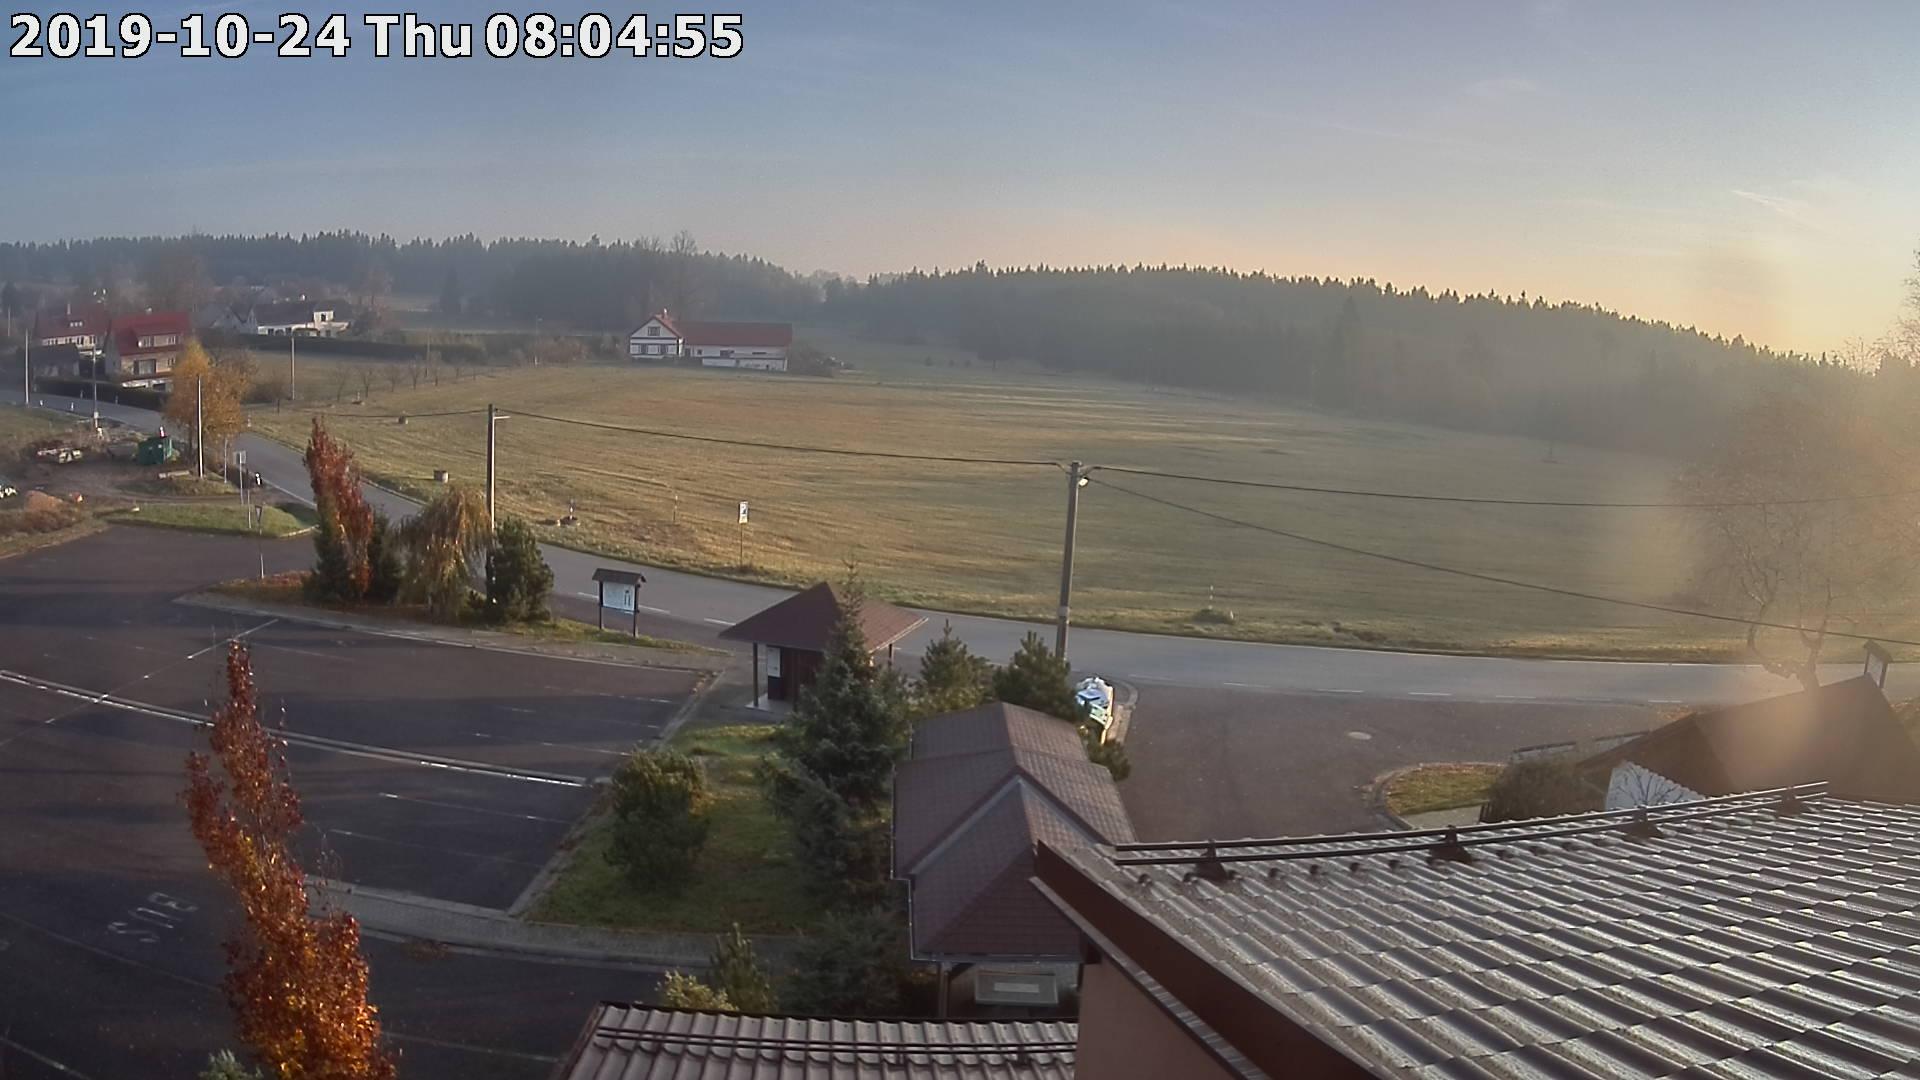 Webkamera ze dne 2019-10-24